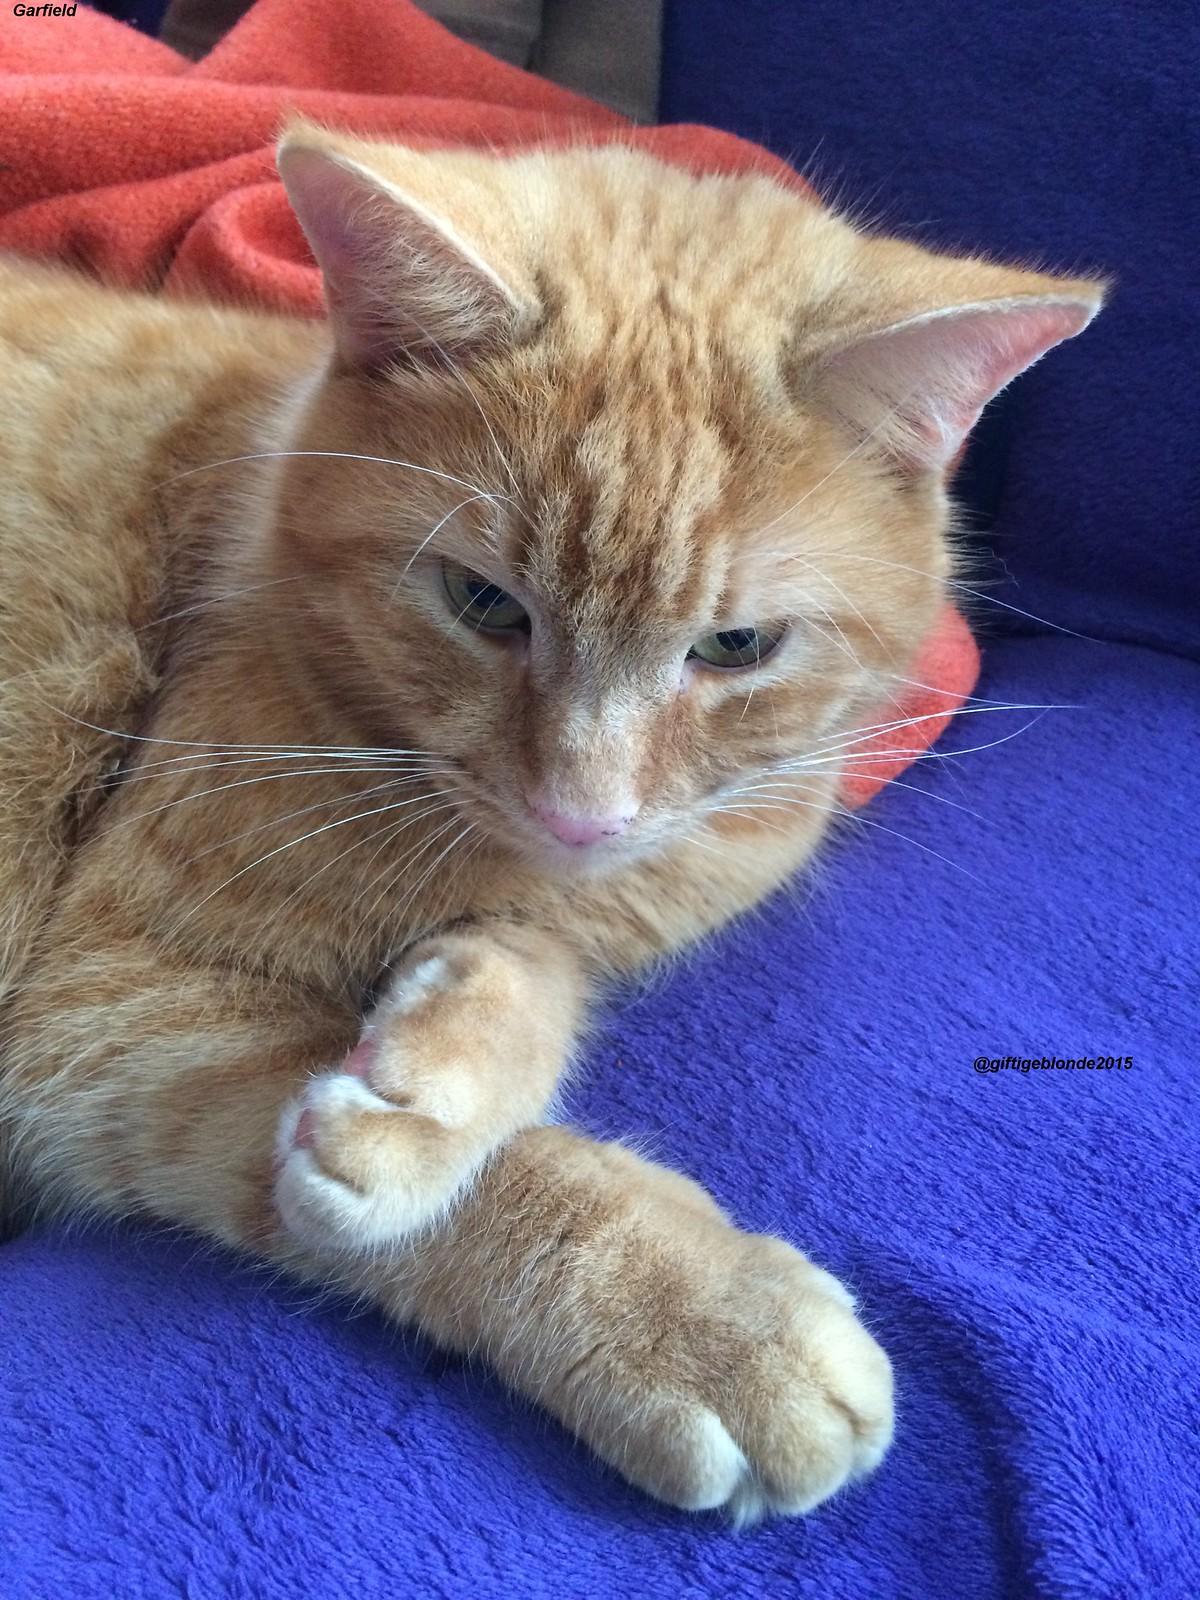 Garfield sooo süß